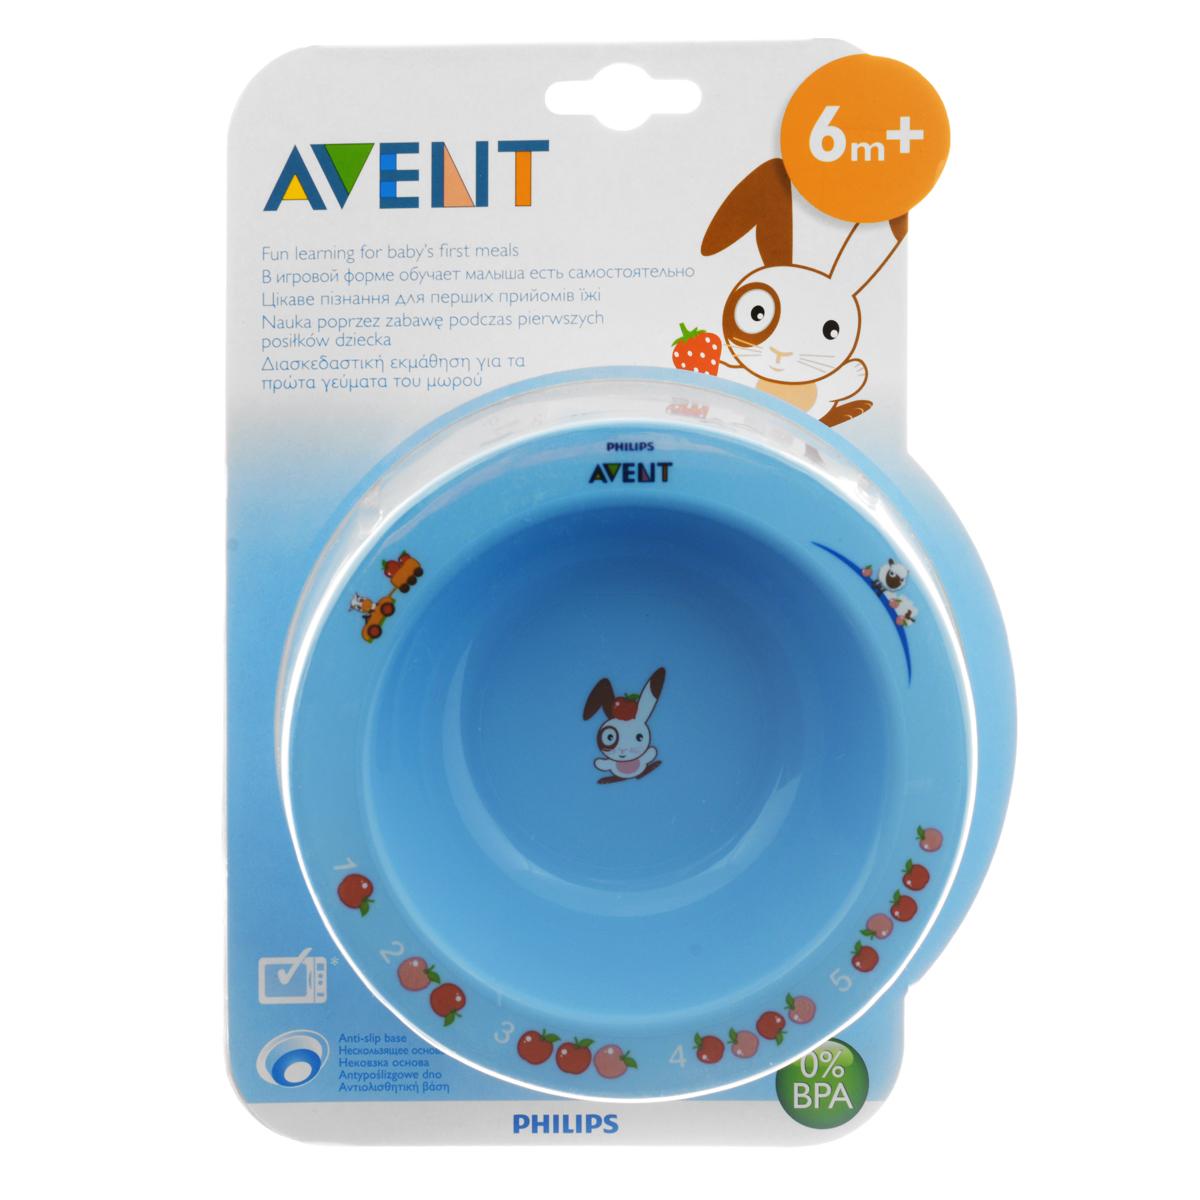 Глубокая тарелка Philips Avent, от 6 месяцев, цвет: голубой, 230 мл65636Тарелка Philips Avent выполнена из яркого полипропилена и оформлена веселыми и красочными развивающими рисунками. Нескользящее основание предотвращает скольжение и переворачивание тарелки. Удобные широкие края идеальны для самостоятельного питания ребенка. Тарелку можно мыть в посудомоечной машине и разогревать в микроволновой печи.